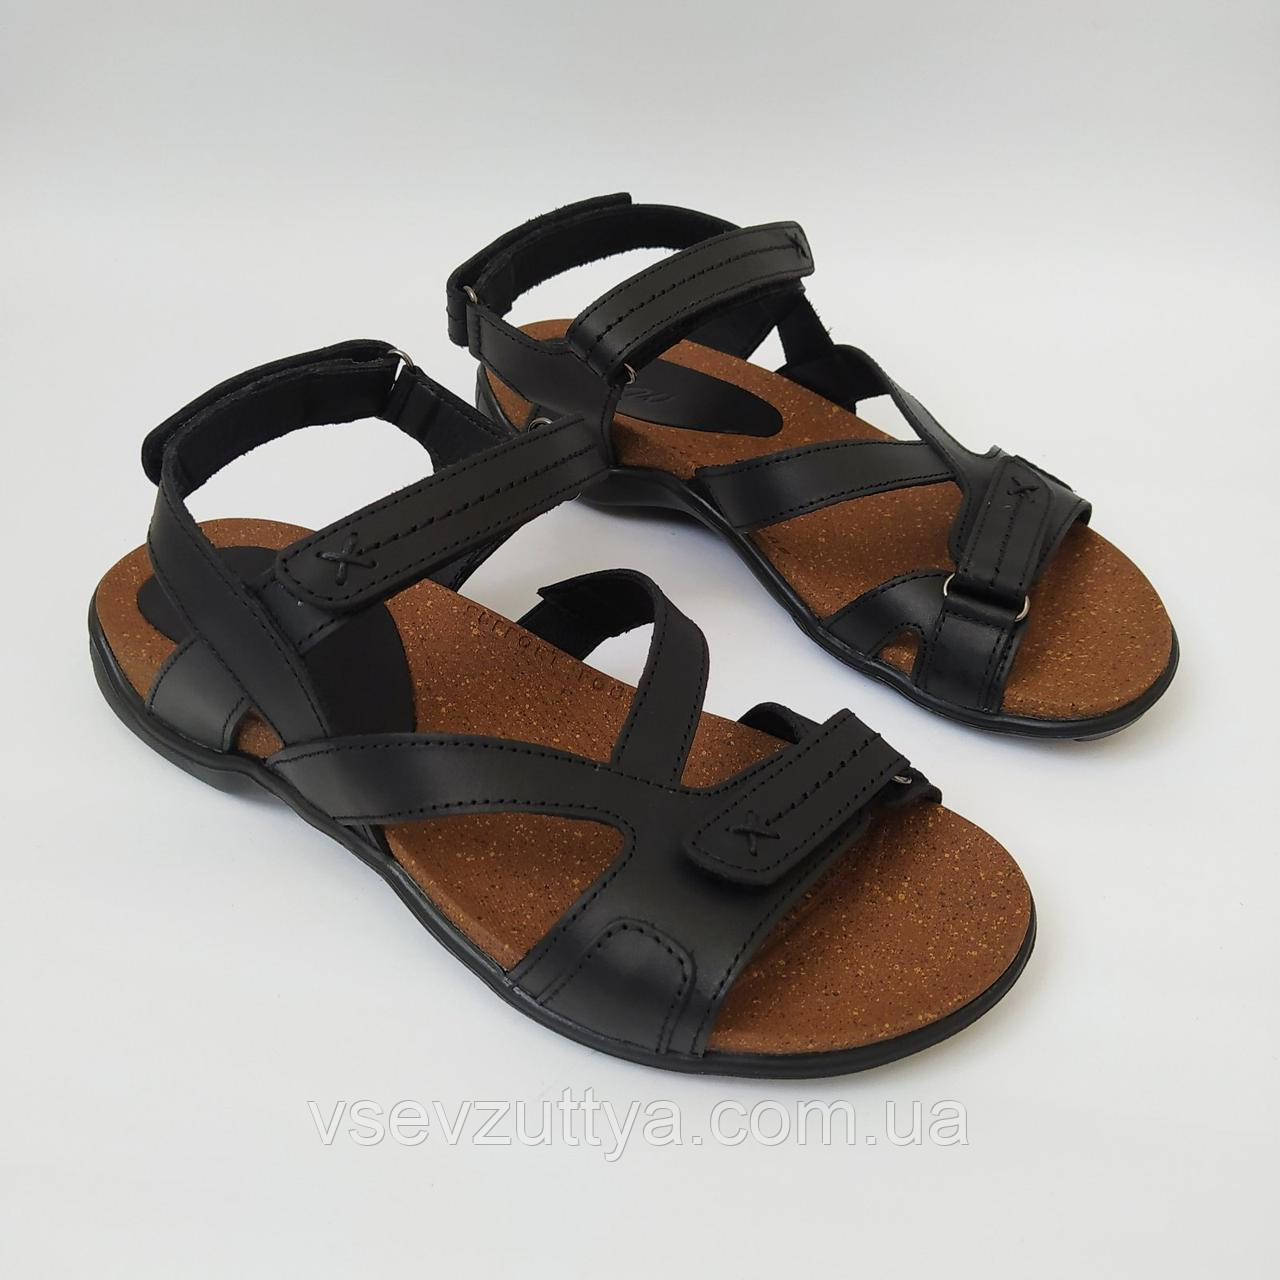 Босоножки, сандалии мужские кожаные черные